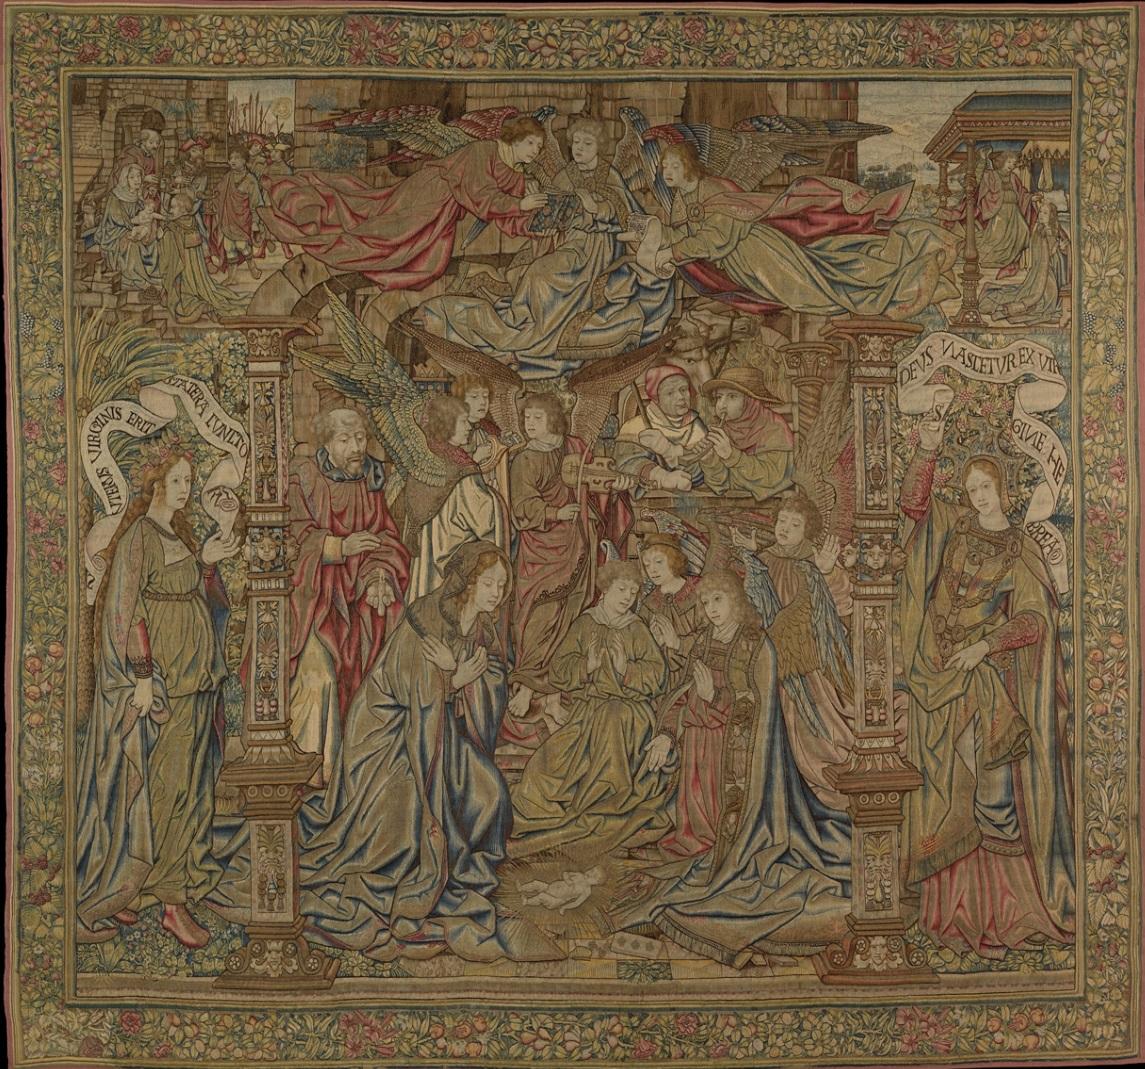 1520-jan-vanroome.jpg